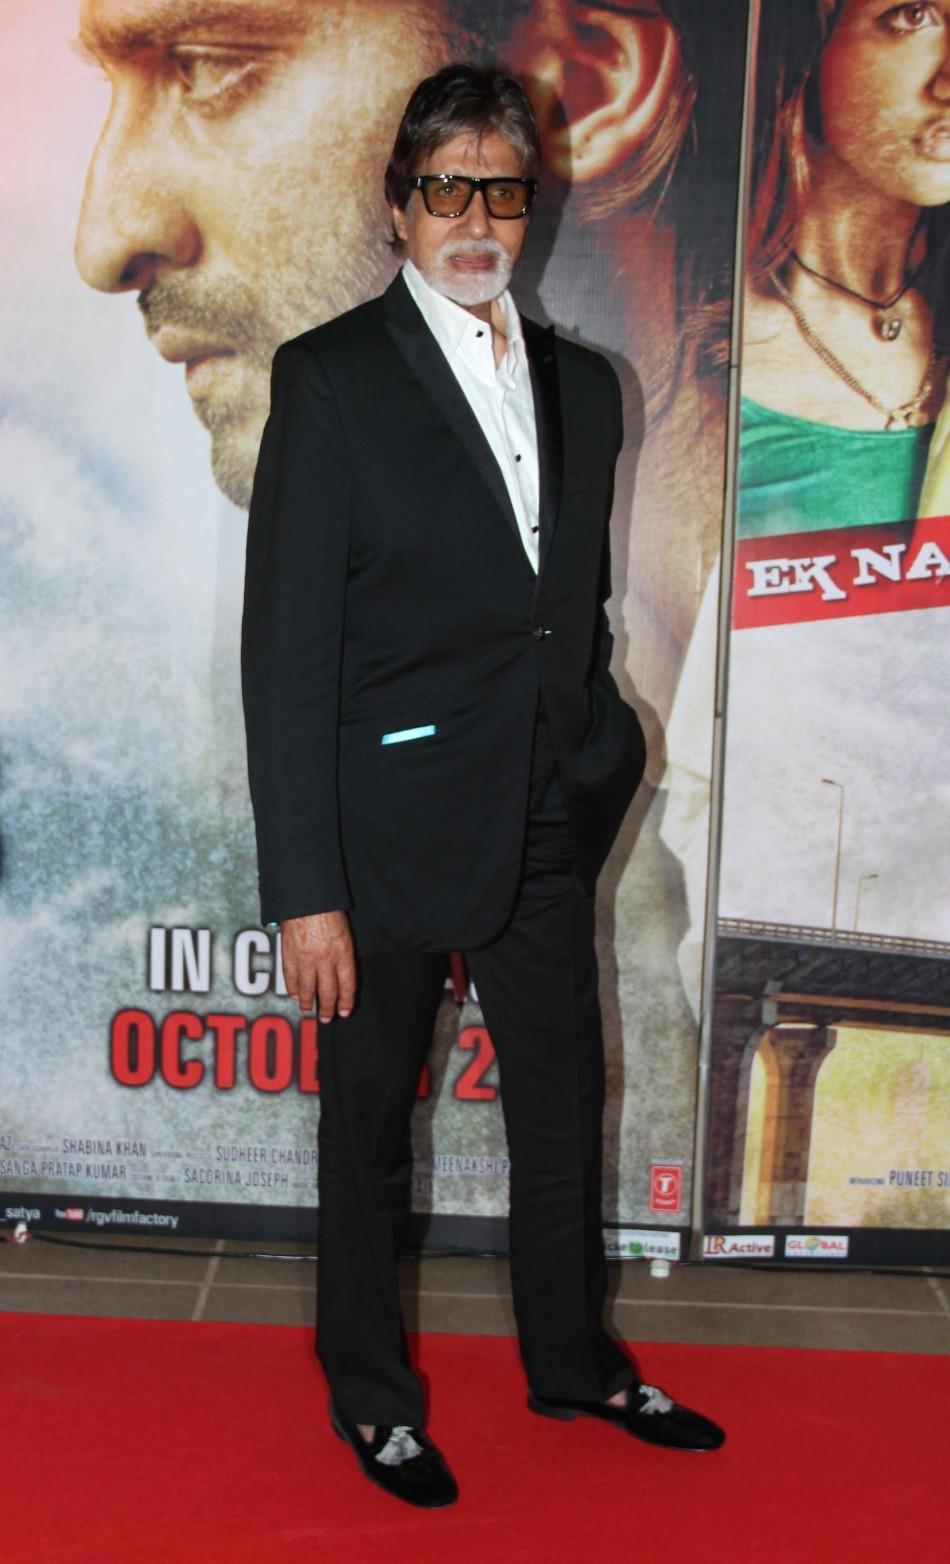 Amitabh Bachchan looks dapper